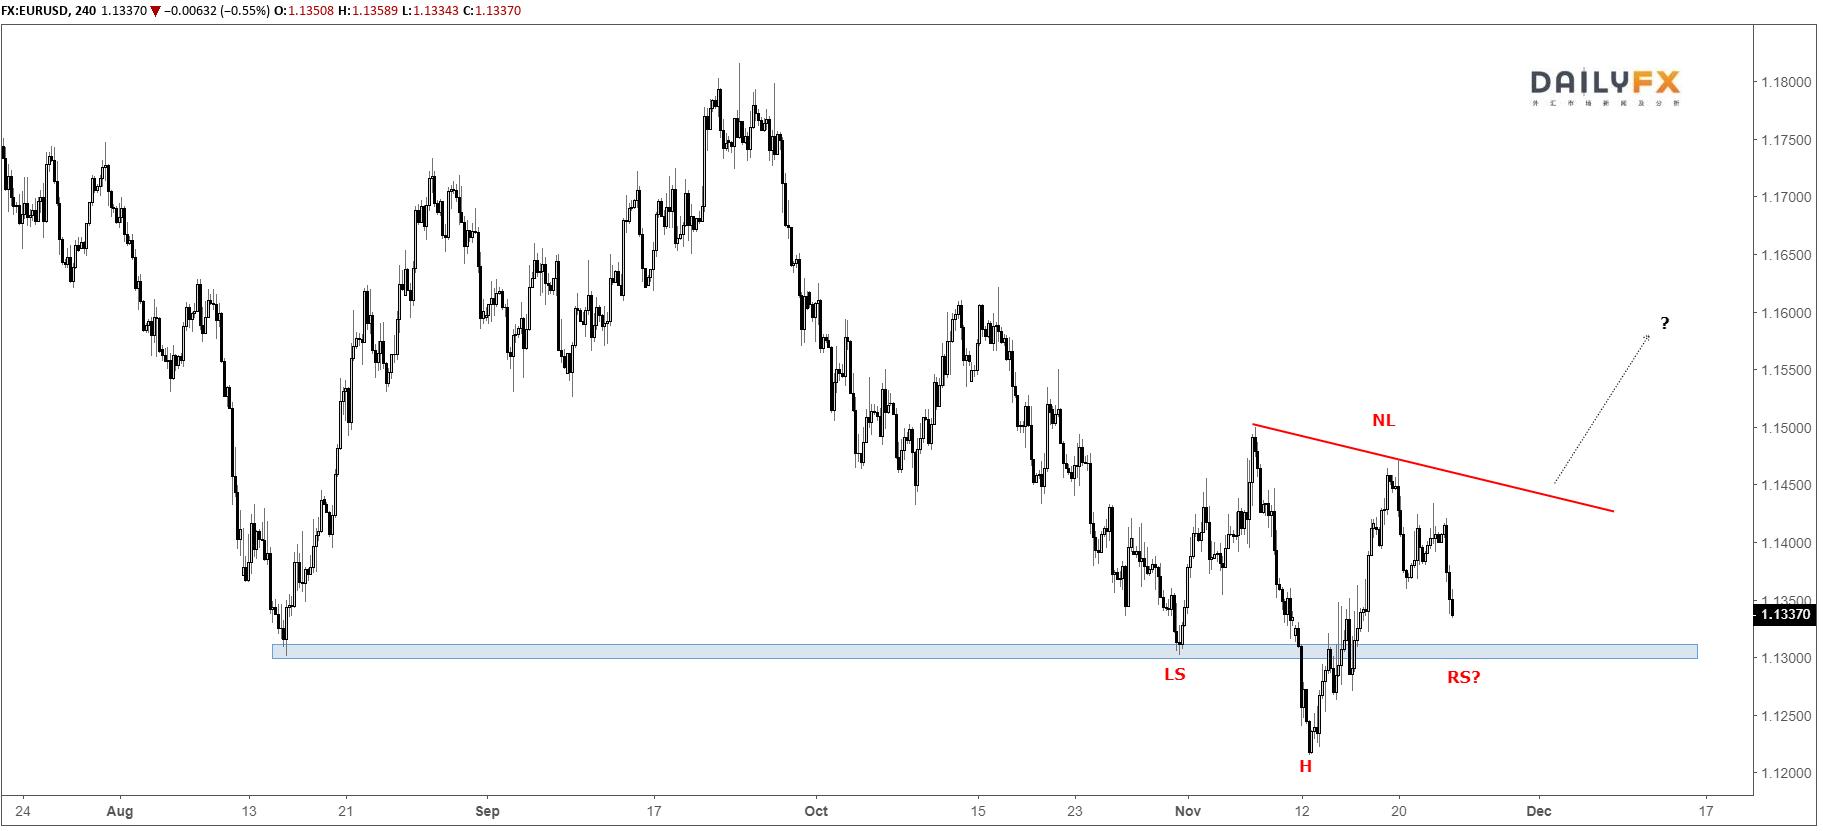 欧元/美元技术分析:继续酝酿头肩底形态